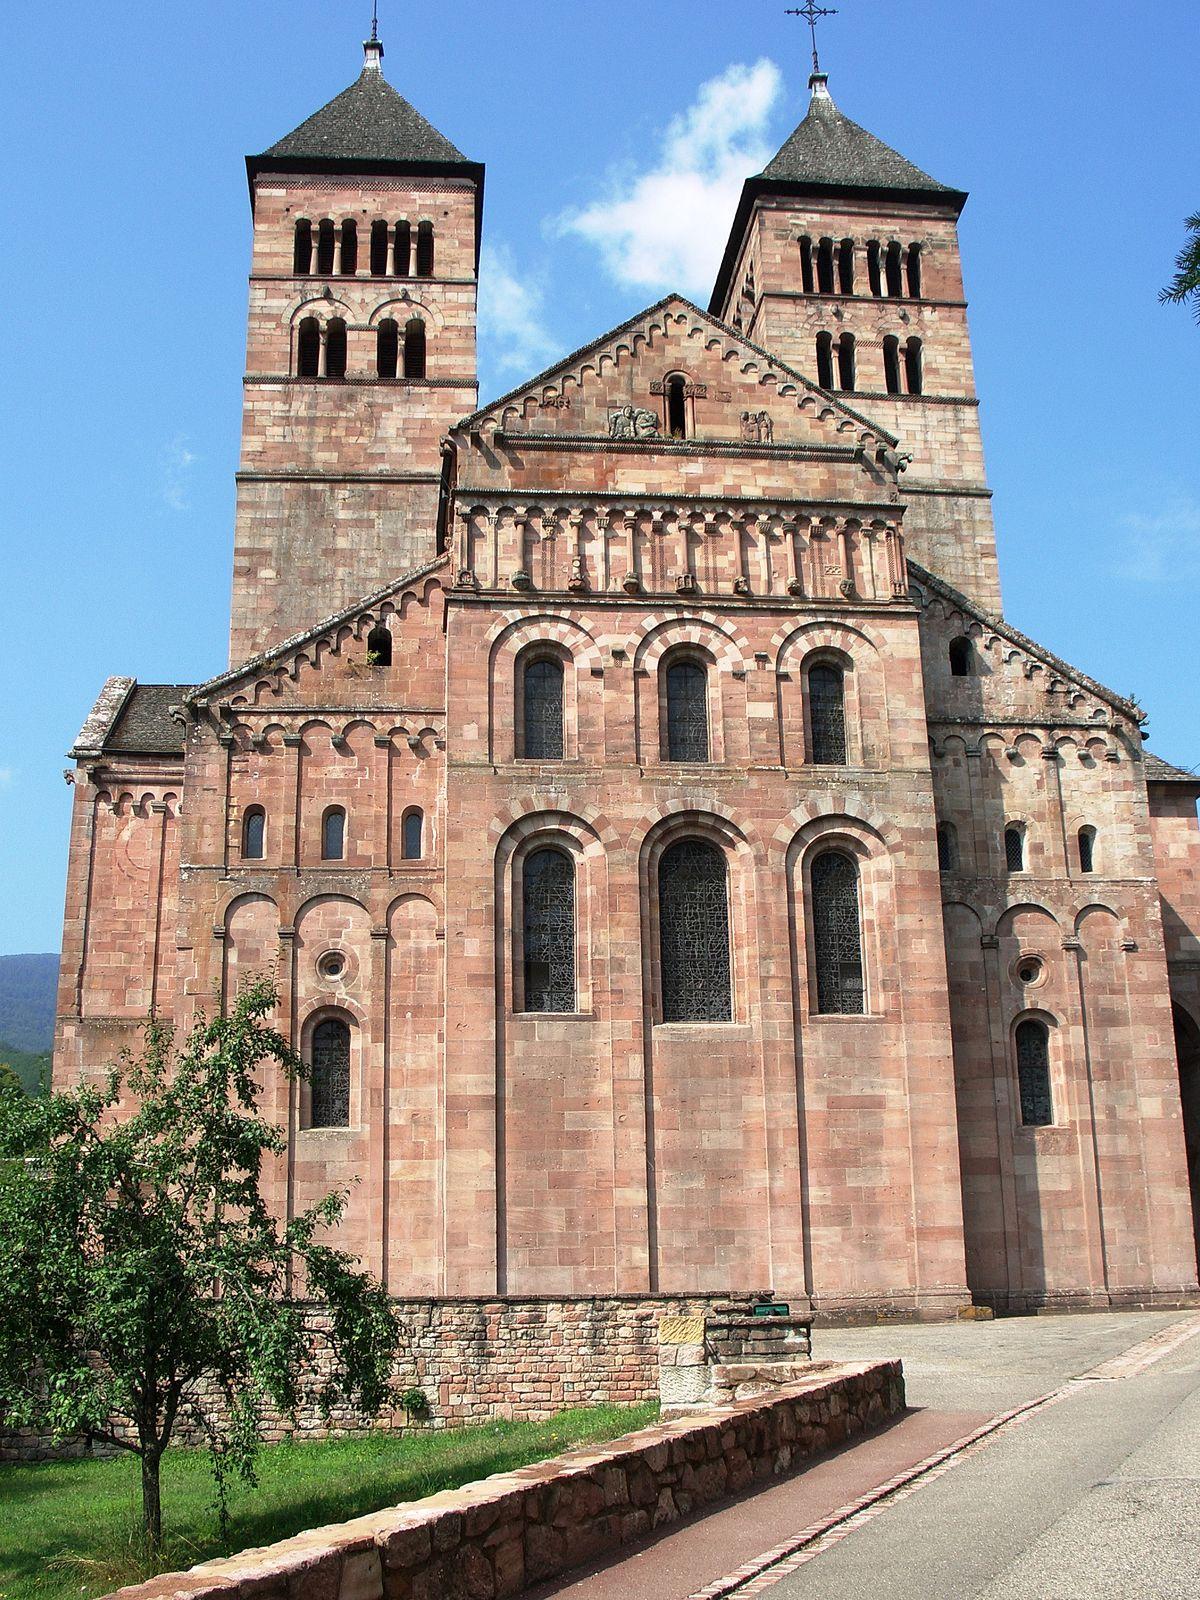 Route romane d 39 alsace wikipedia for Architecture romane